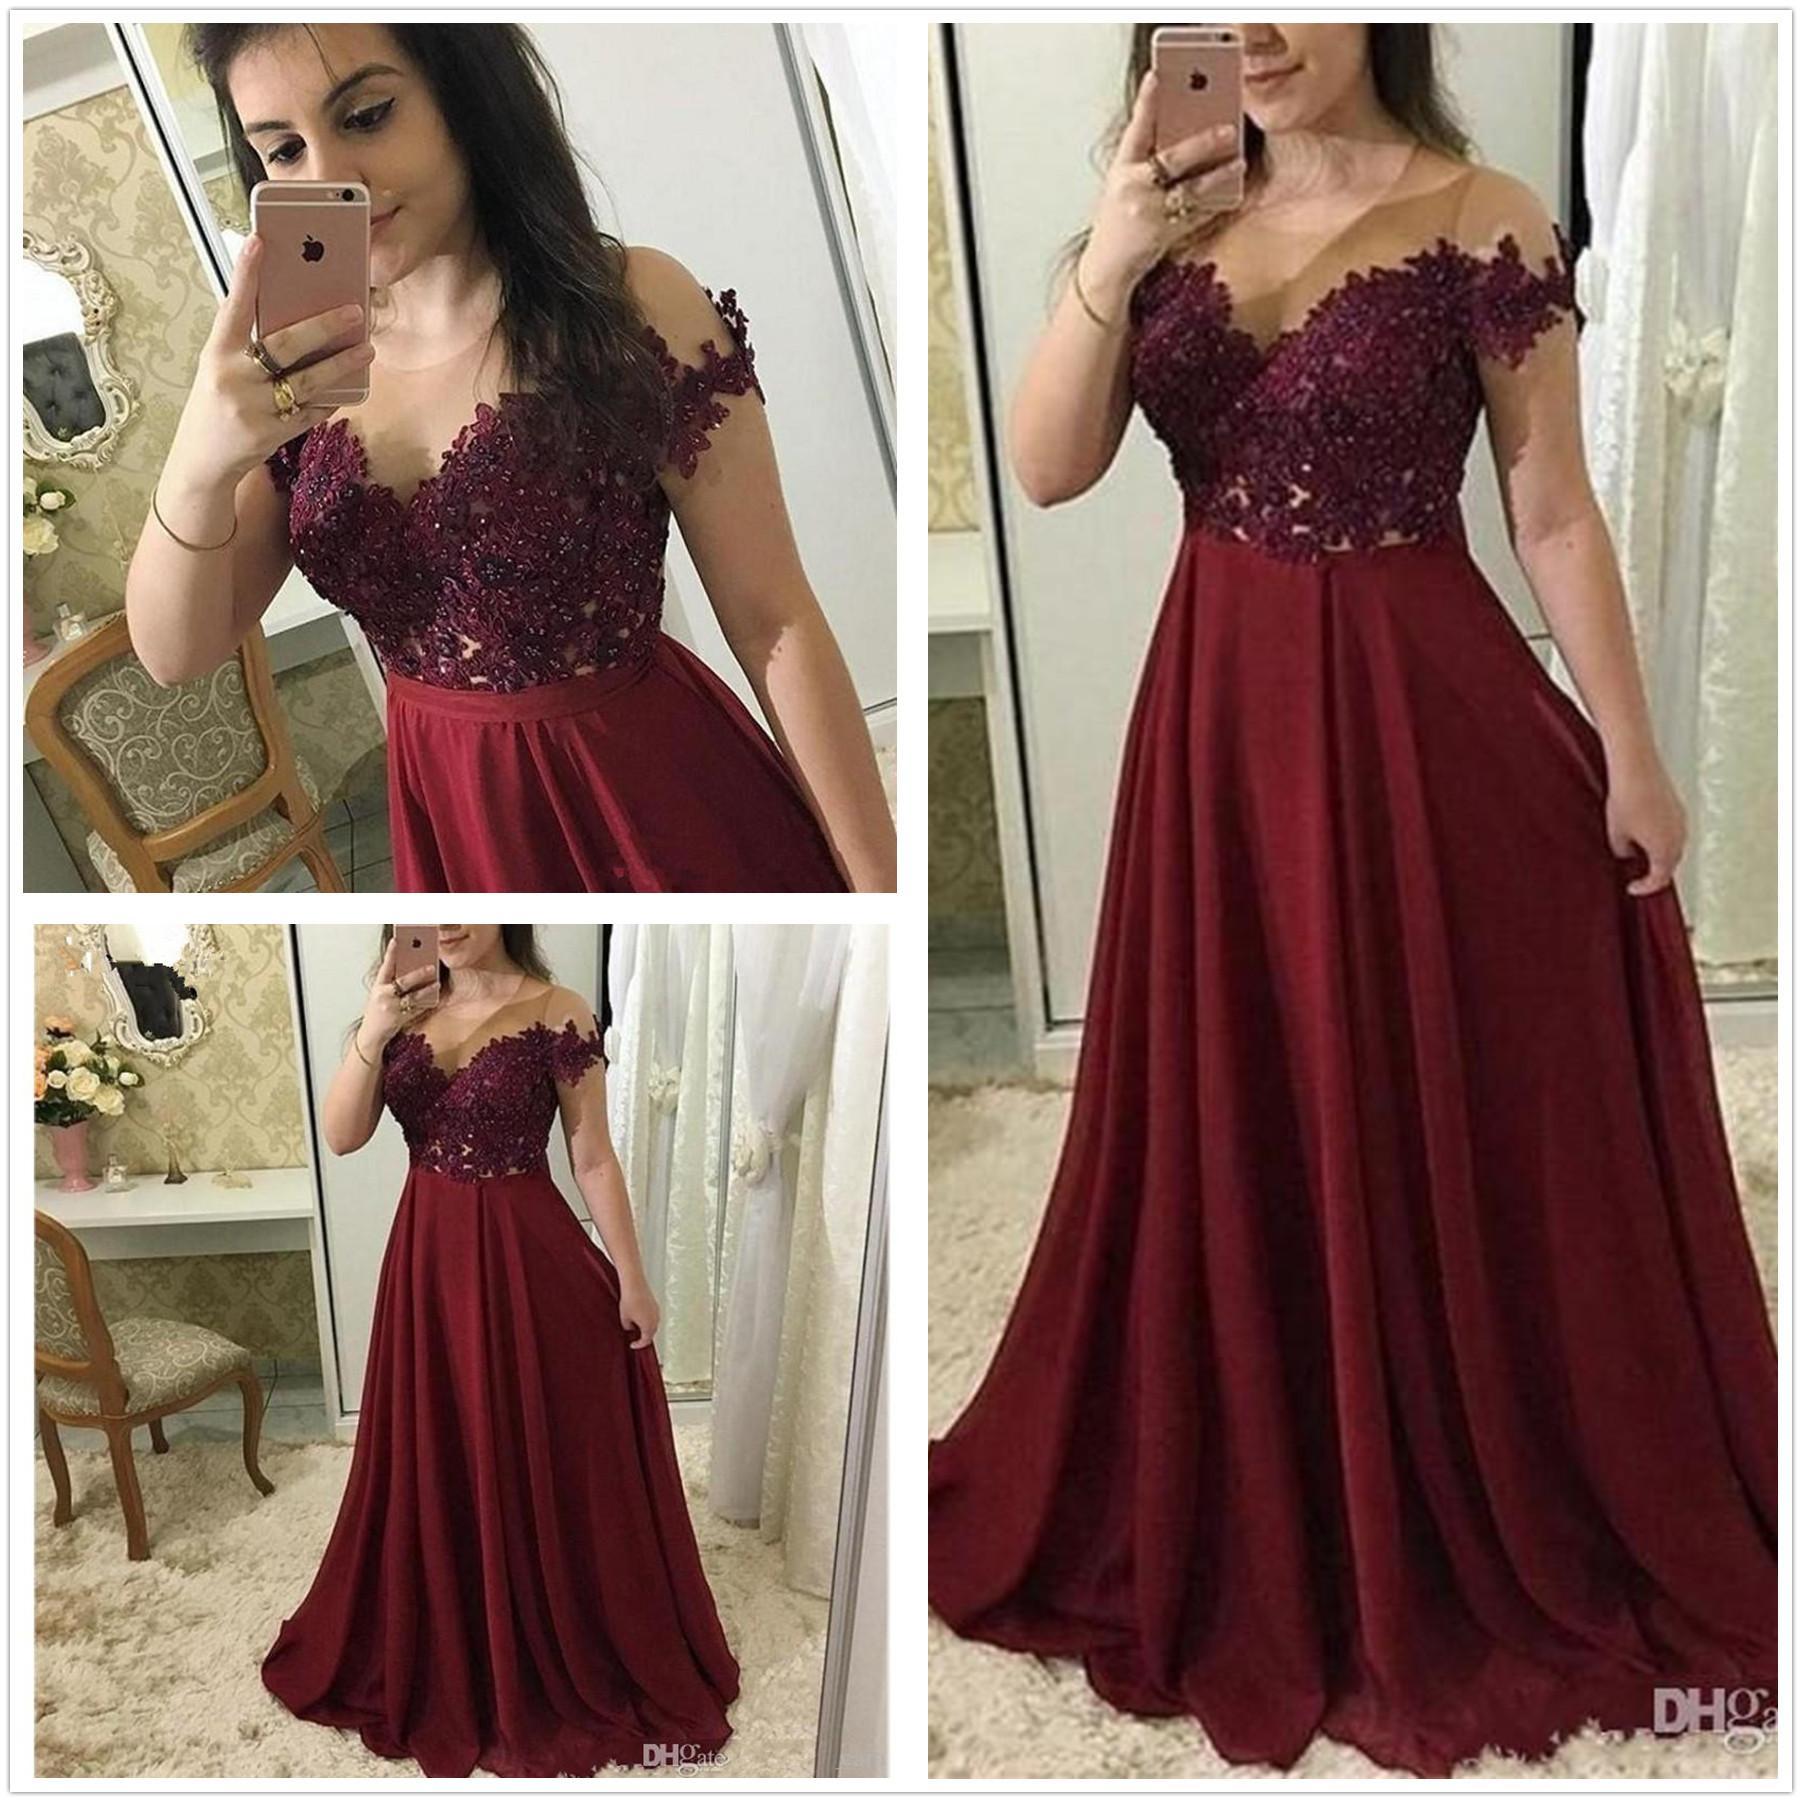 부르고뉴 댄스 파티 드레스 2020 긴 환상 목선 짧은 소매 레이스 아플리케 이브닝 가운 긴 쉬폰 특별한 드레스